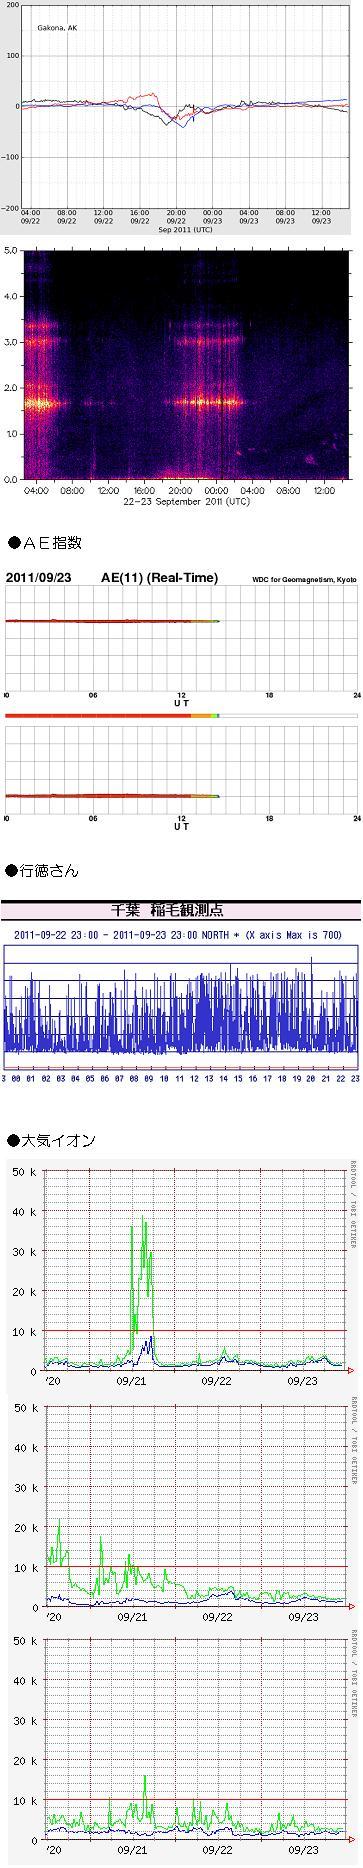 0924-1 データ